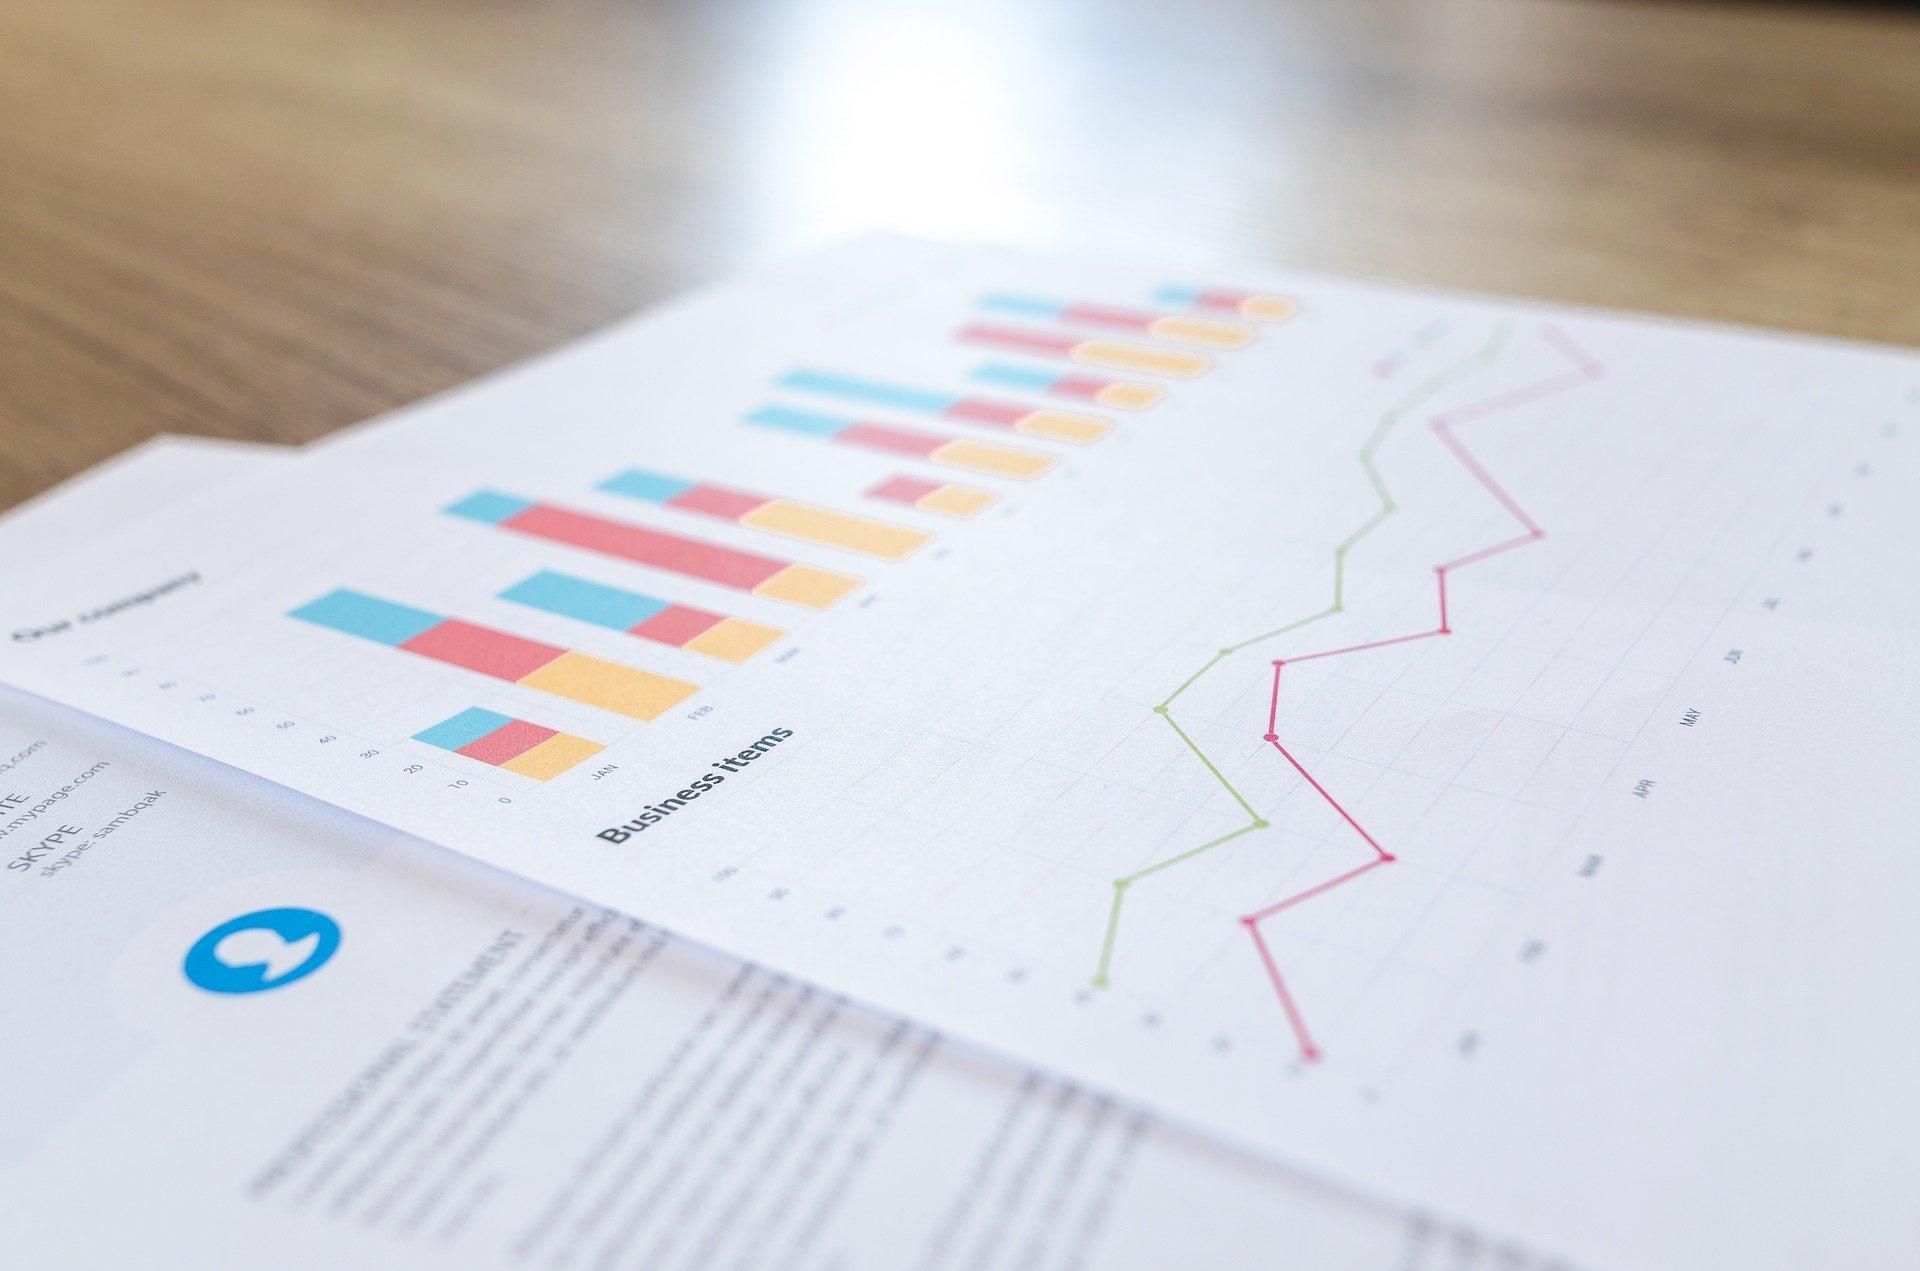 BWA – Betriebswirtschaftliche Auswertungen leicht gemacht